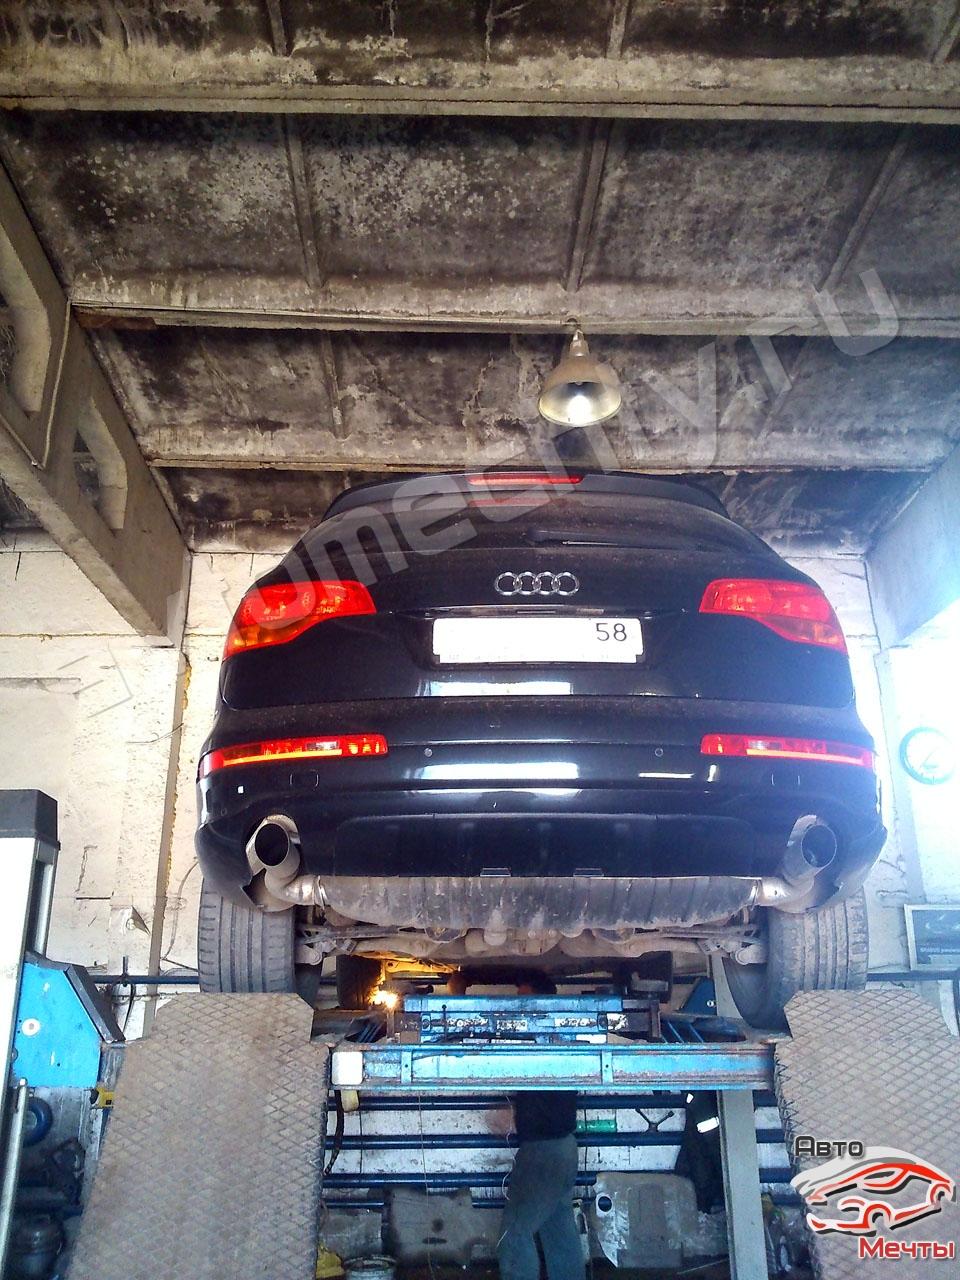 Чип-тюнинг Audi Q7, отключение сажевого фильтра DPF, системы EGR, увеличение мощности Stage-1